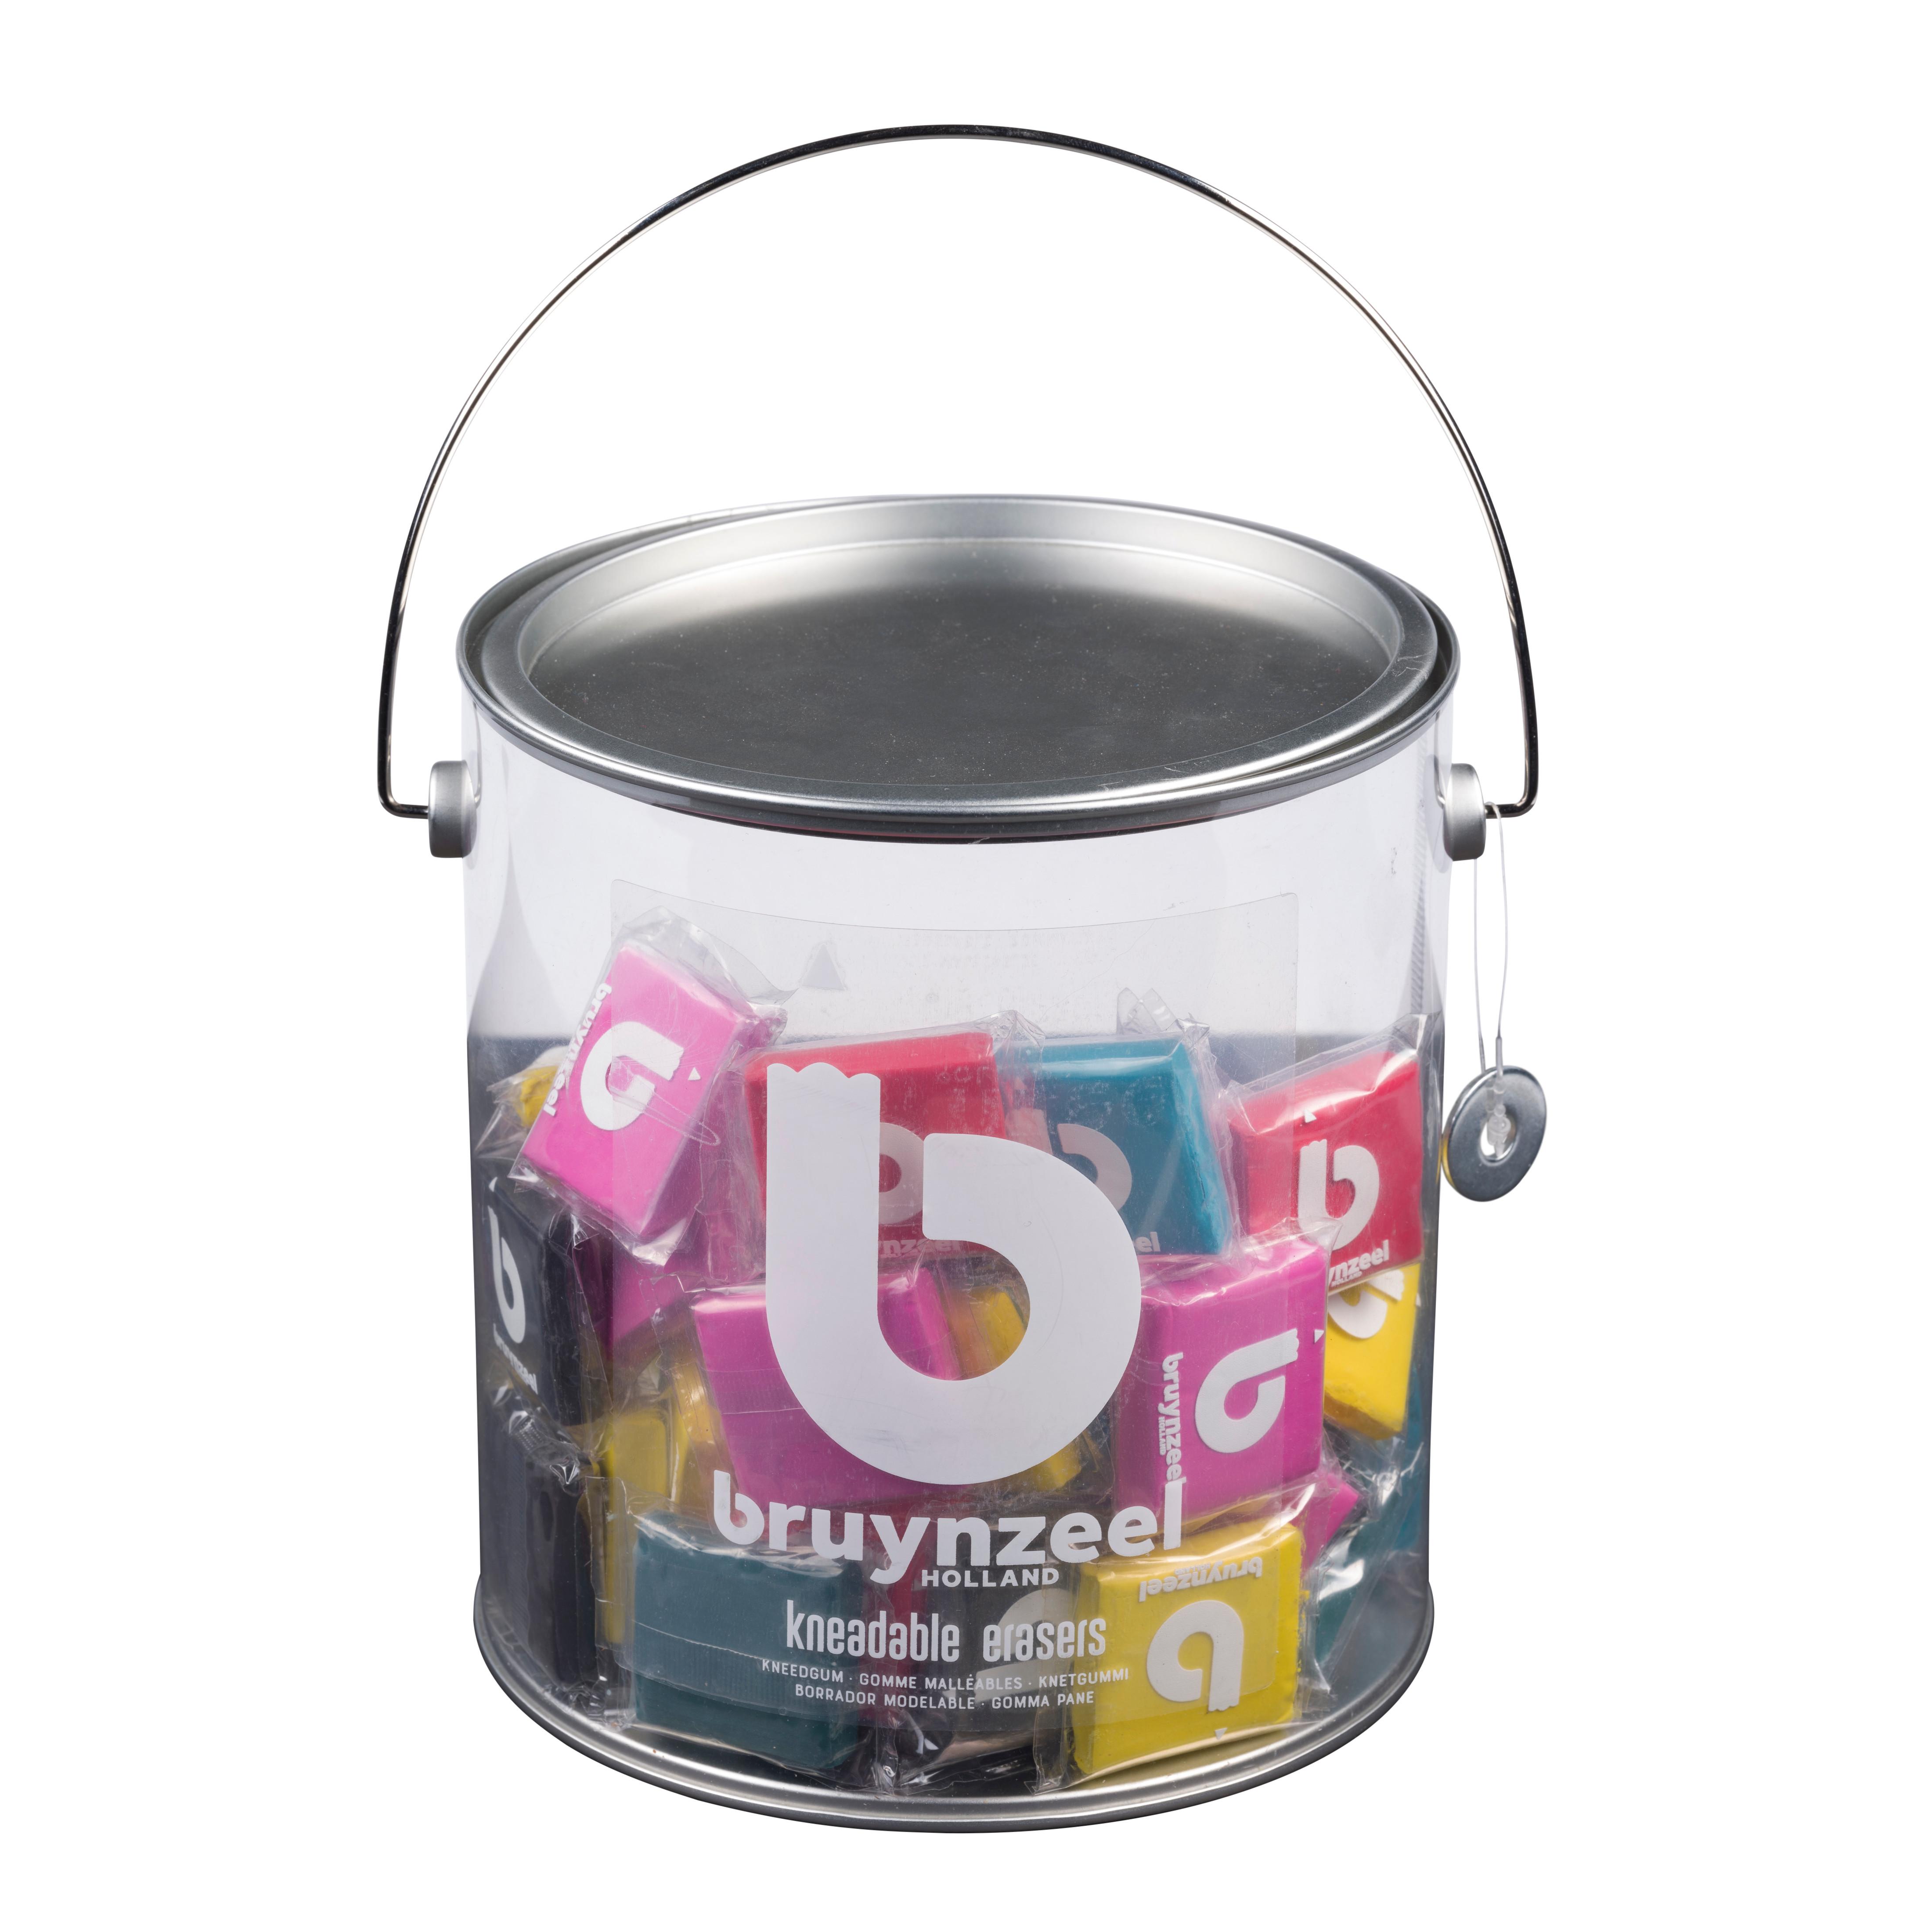 Bruynzeel Kneadable Eraser Display 120